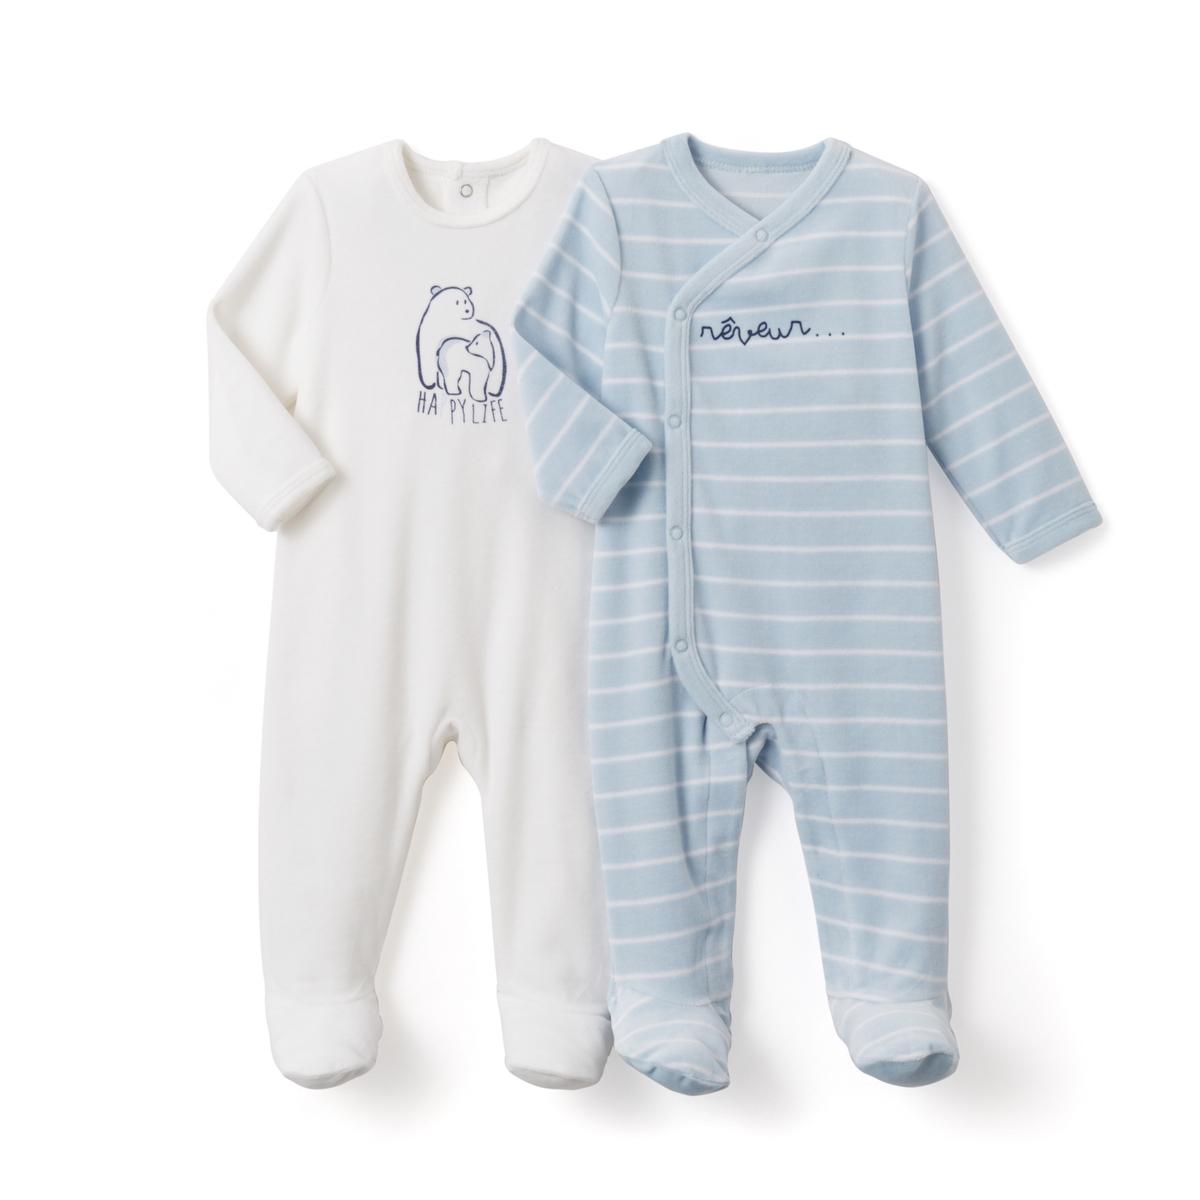 Пижама велюровая с закрытыми ножками (2 шт.)Великолепная пижама из велюра с застежкой на кнопки сзади и пижама с перекрестной застежкой спереди: комплект из 2 пижам на разные случаи!Состав и описание :Материал : 75% хлопка, 25% полиэстера Марка: R Mini Застежка:  1 пижама с застежкой на кнопки сзади          1 пижама с застежкой спередиУход: :Машинная стирка при 30 °С.Стирка и глажка с изнаночной стороны.Машинная сушка запрещена.<br><br>Цвет: синий + экрю<br>Размер: 1 год - 74 см.0 мес. - 50 см.3 года - 94 см.2 года - 86 см.6 мес. - 67 см.1 мес. - 54 см.9 мес. - 71 см